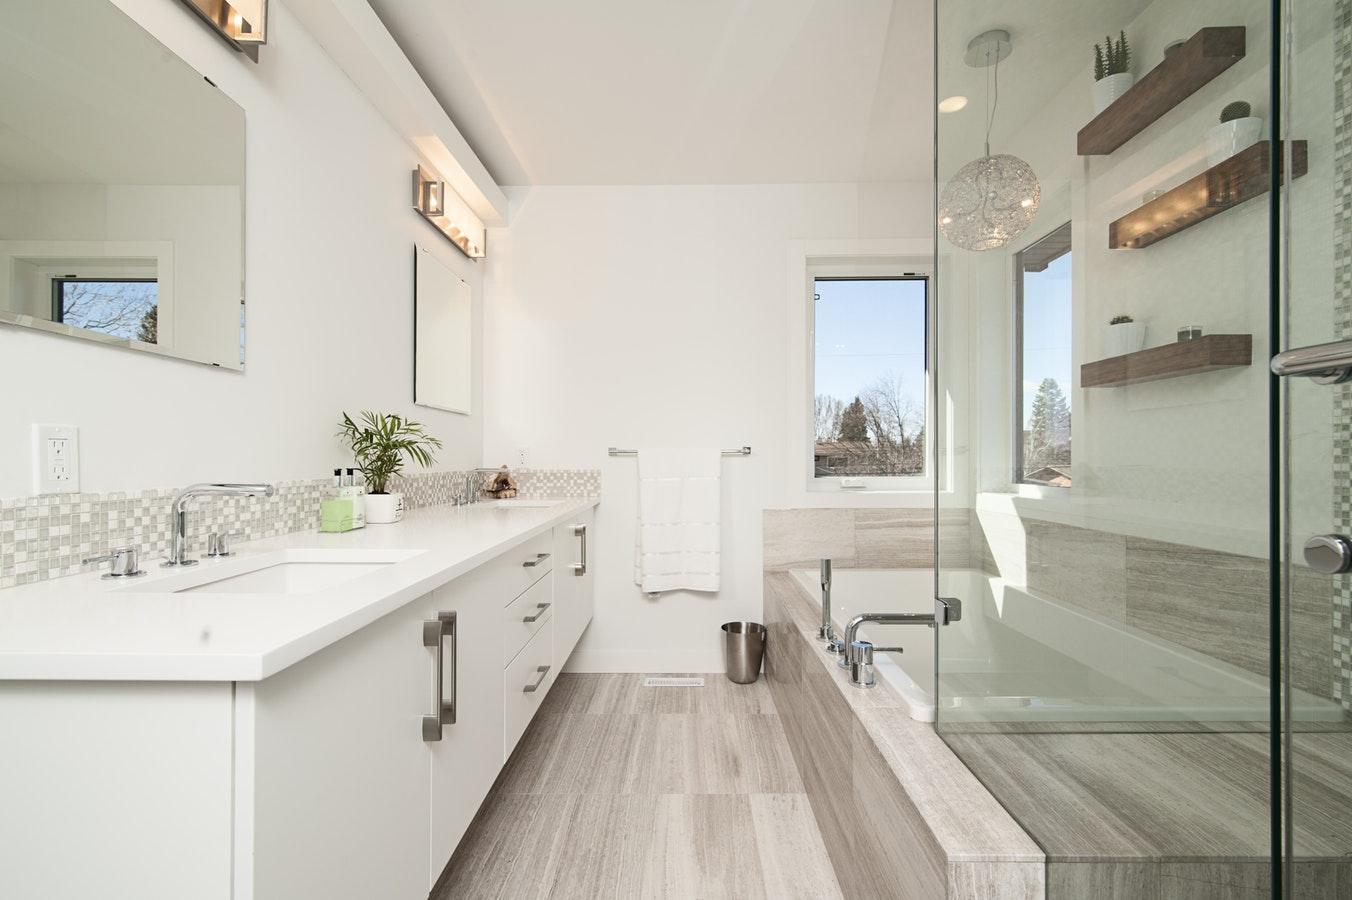 Déco salle de bain : quels matériaux choisir ?